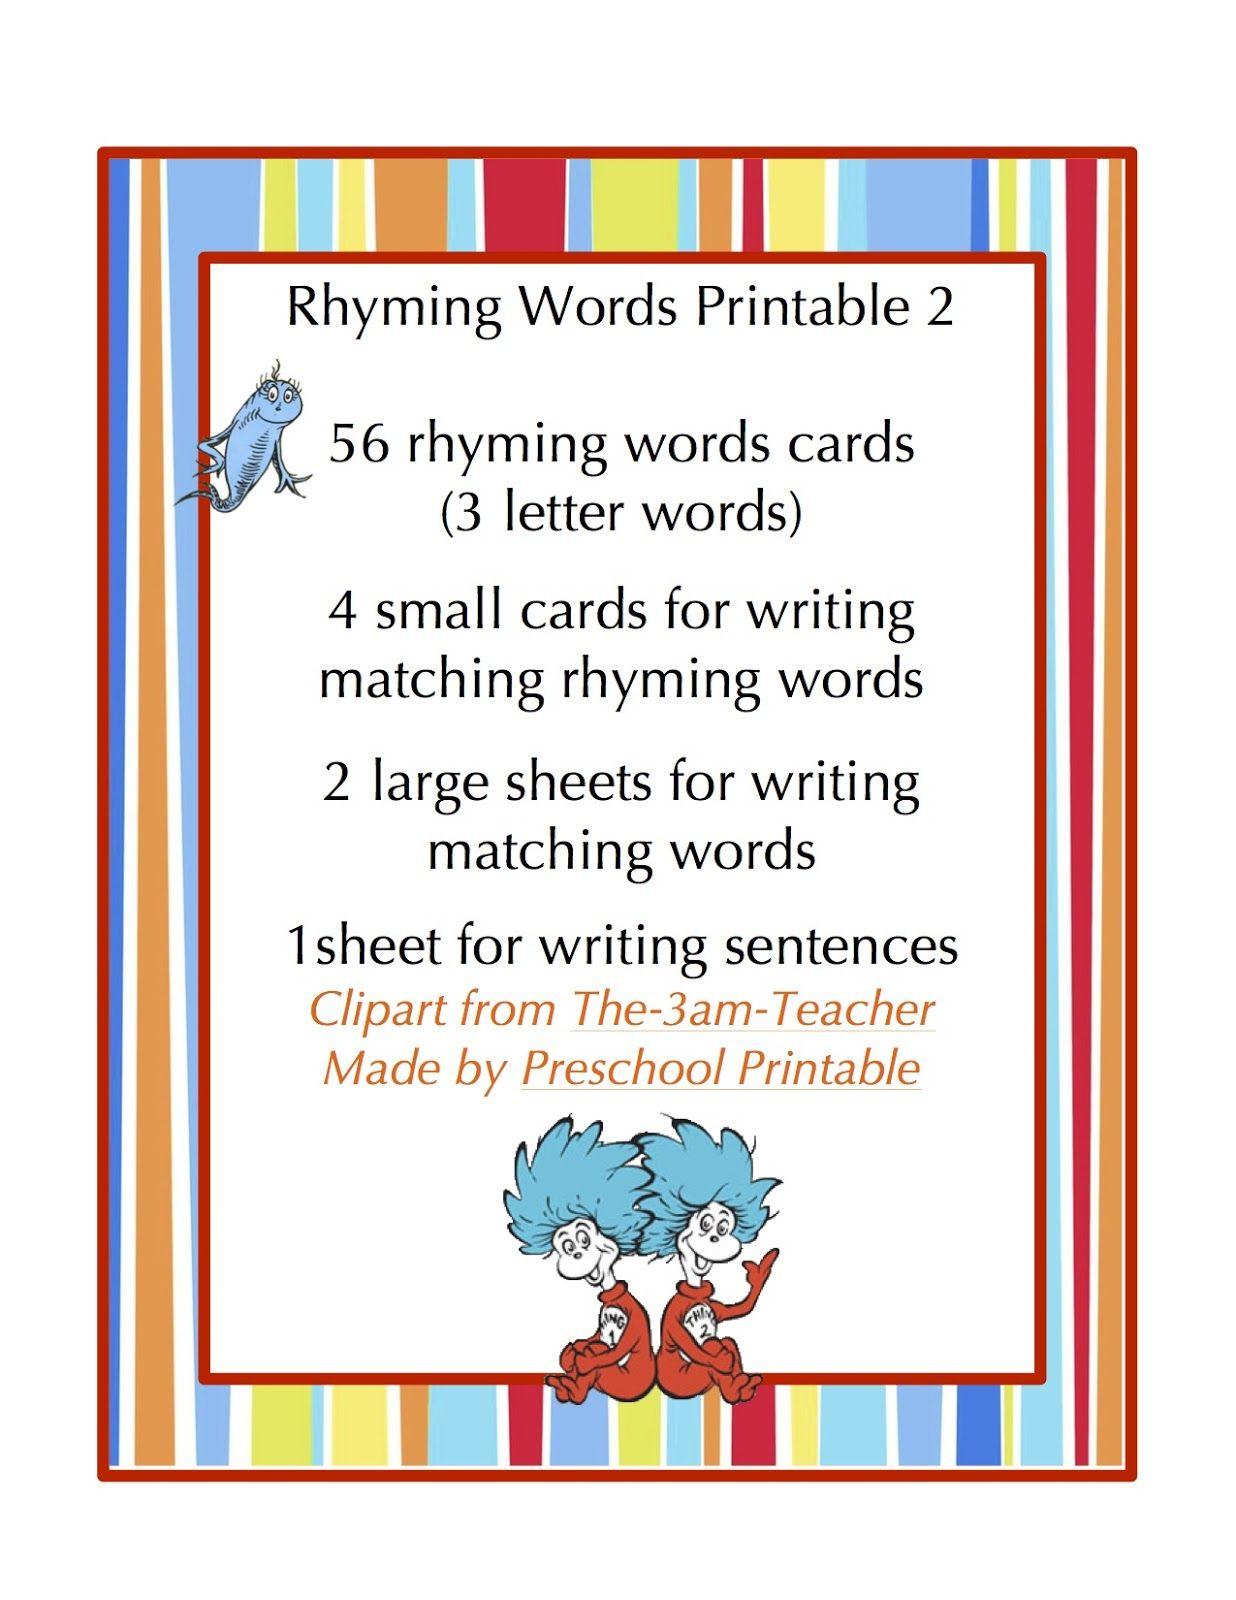 Rhyming Words Printable 2 1 236 1 600 Pixels With